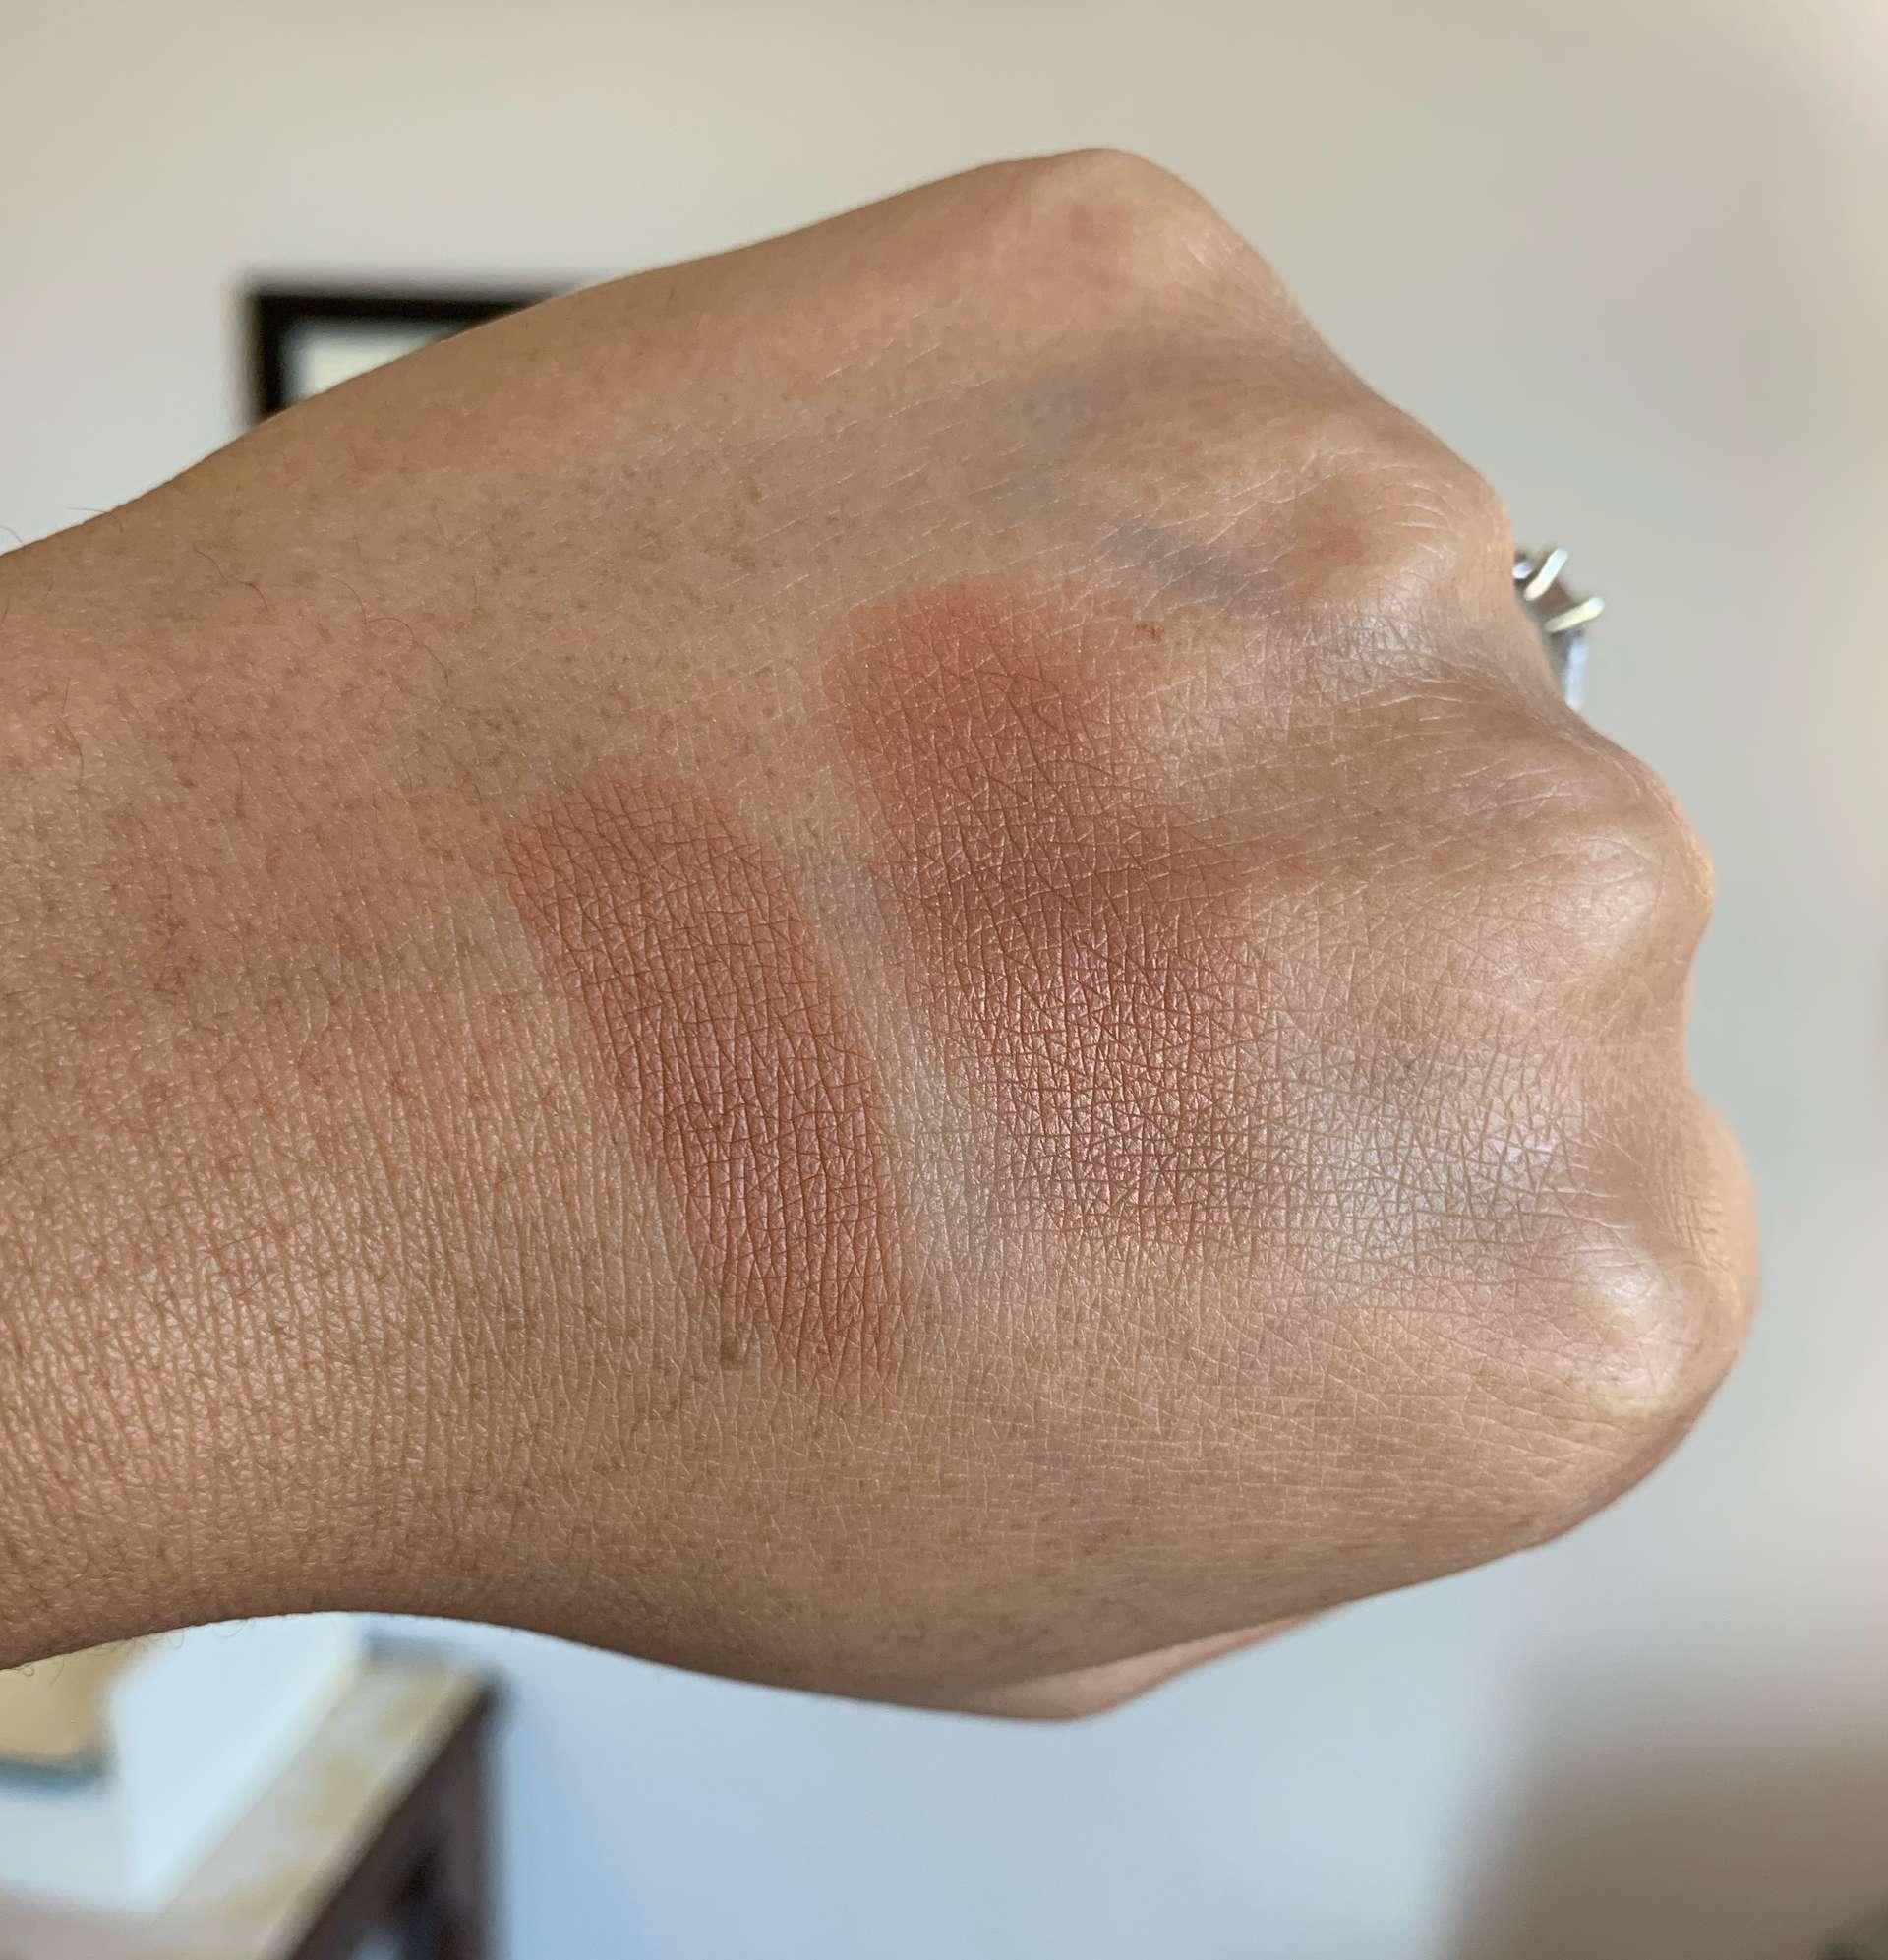 NARS Matte Bronzing Powder Samoa and Punta Cana Bronzer Swatches medium dark skin